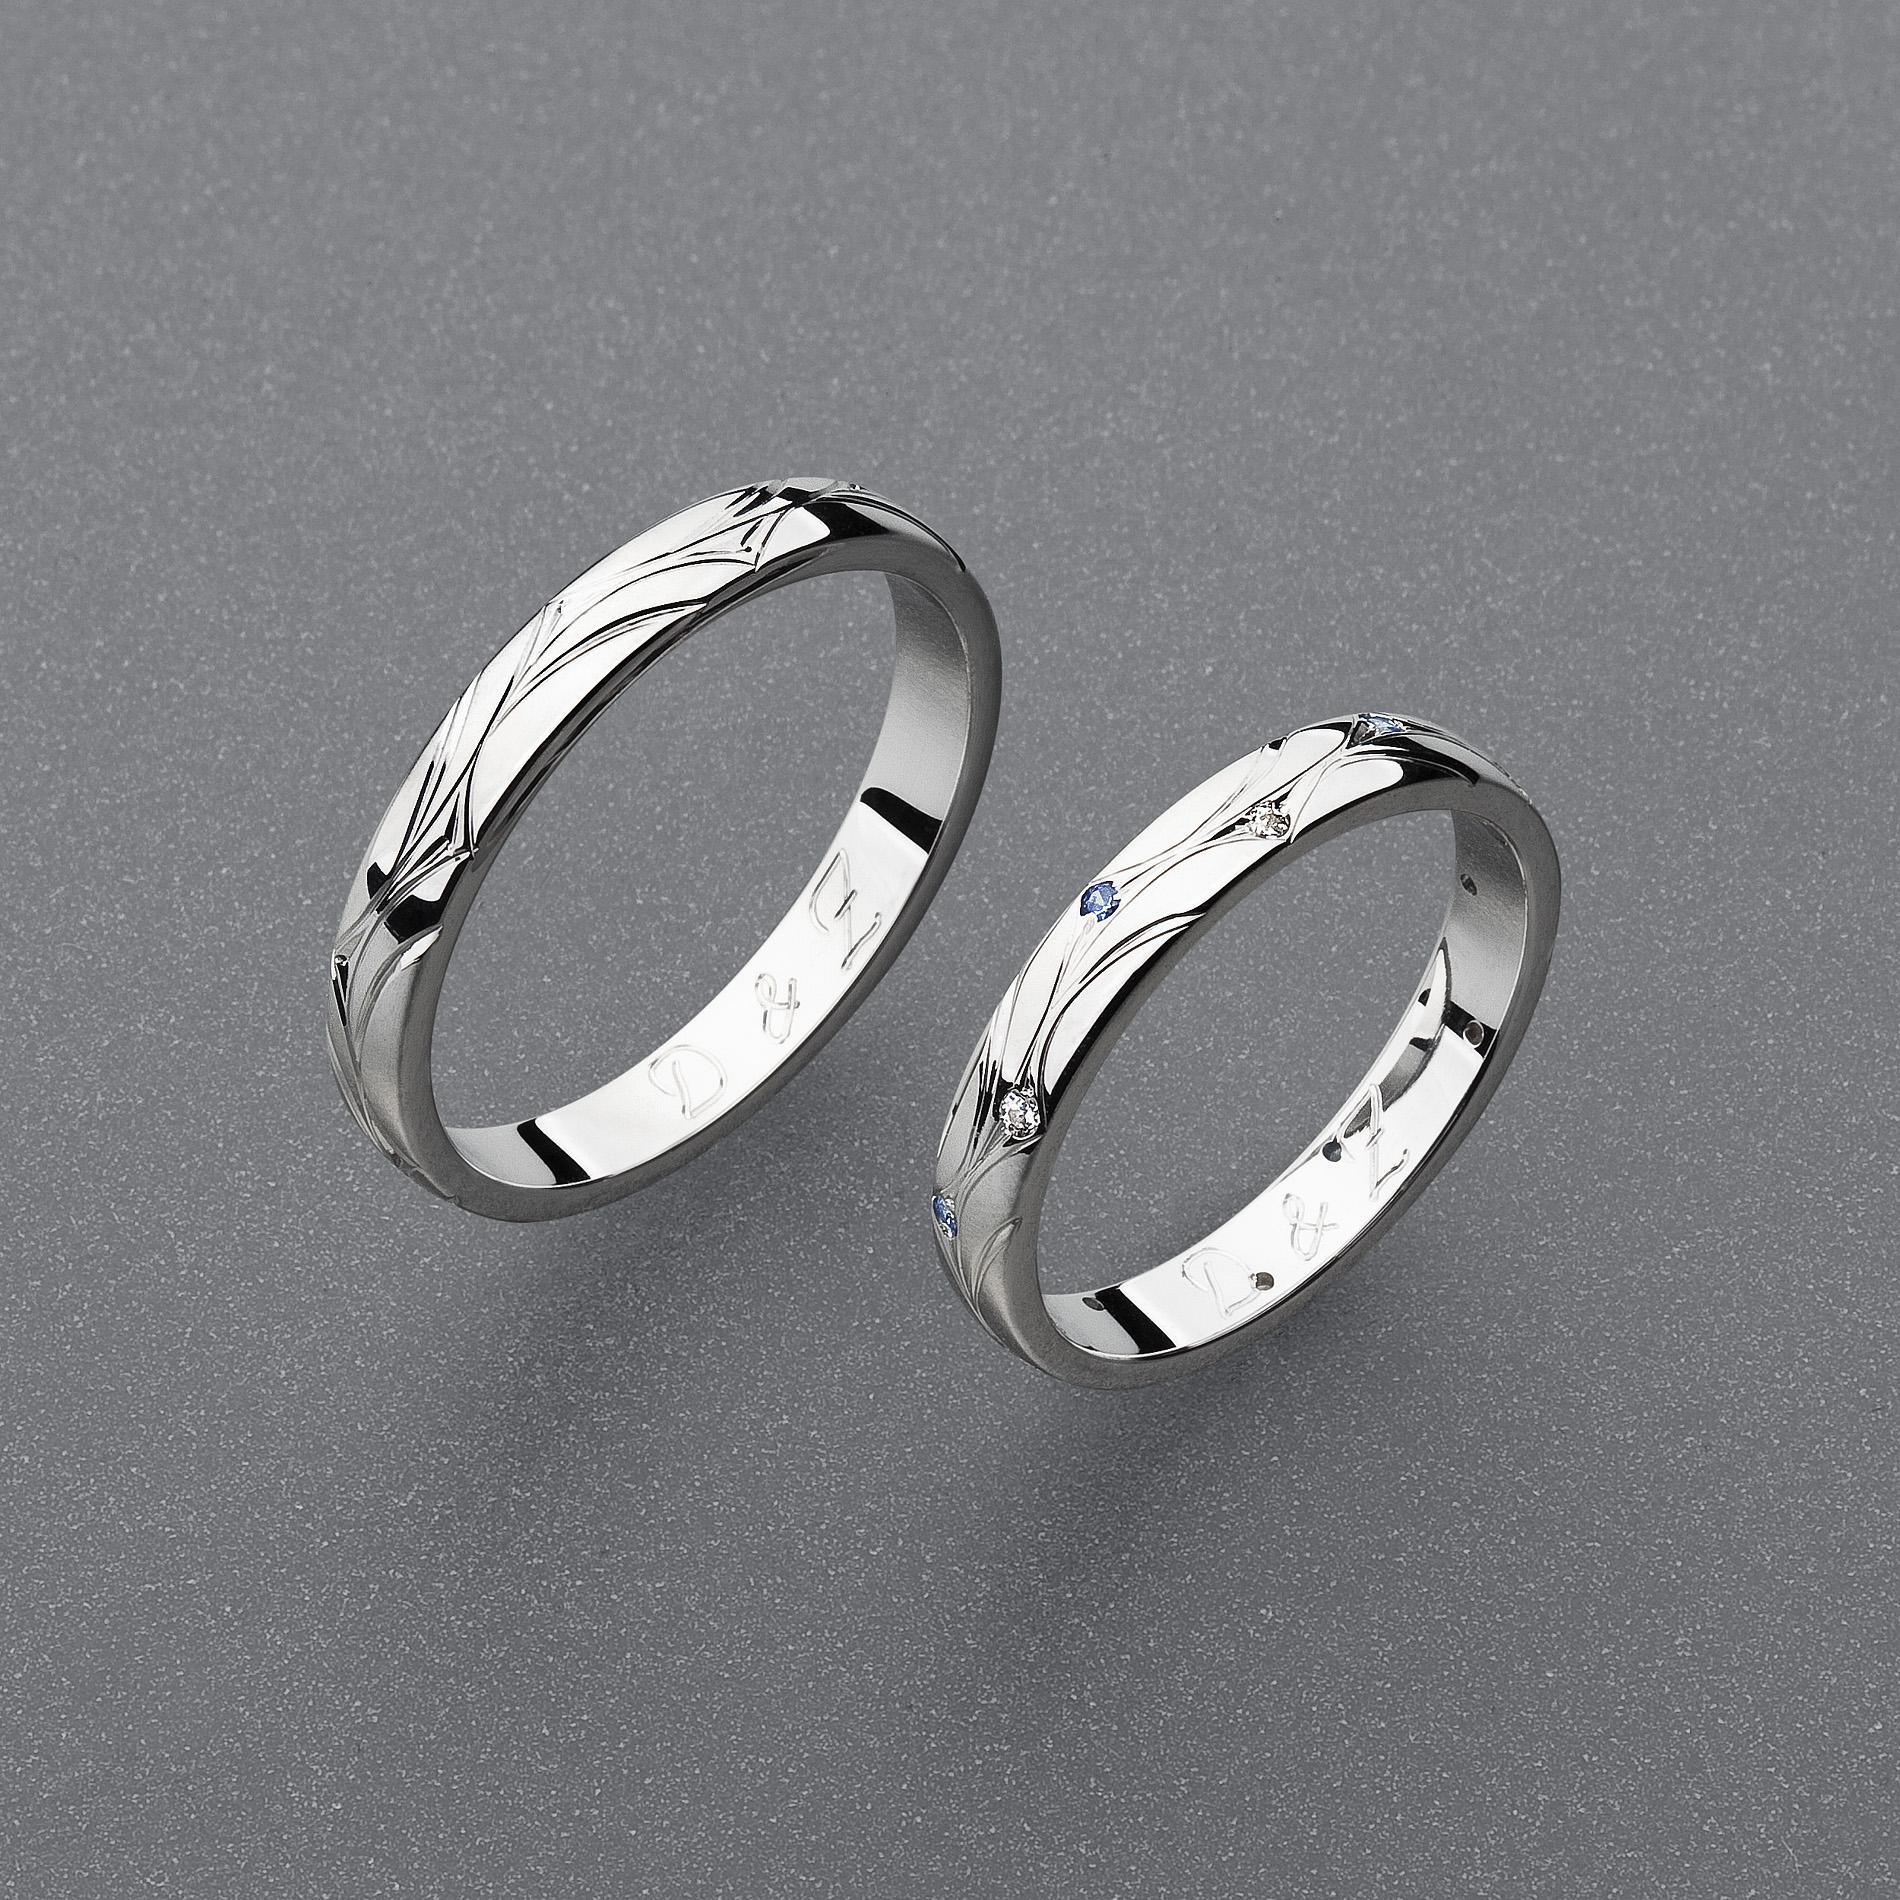 Stribrne Snubni Prsteny Vzor Z82